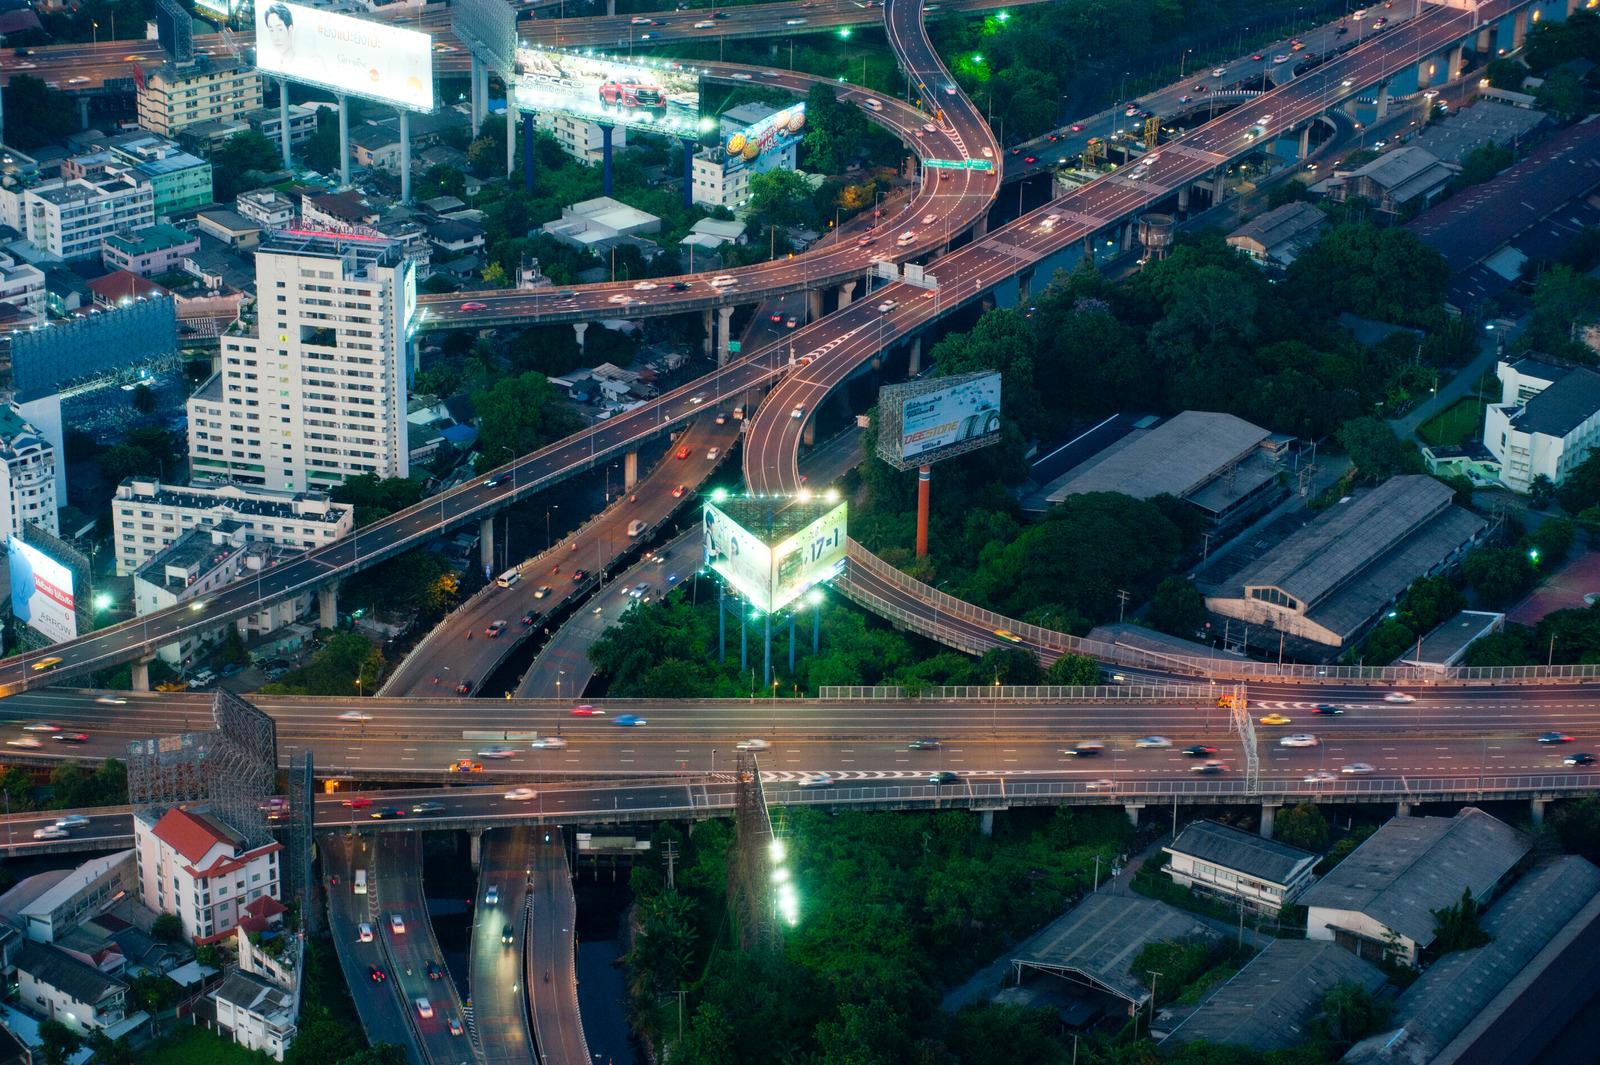 泰國外派應該去嗎?泰國外派工作甘苦談及投資心得分享 @東南亞投資報告